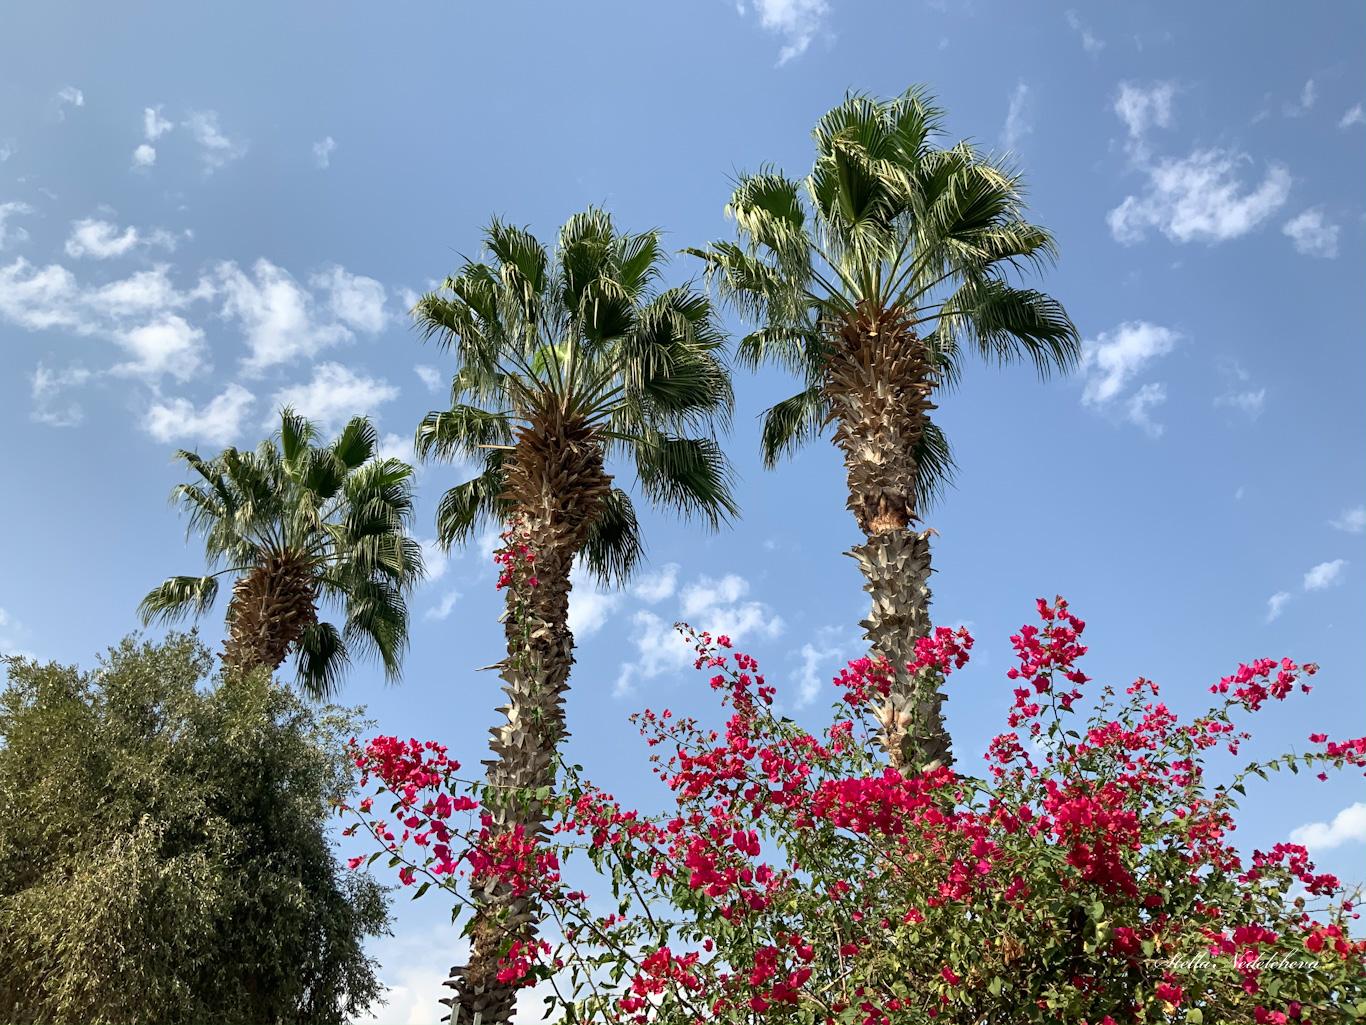 Jardin exotique avec des palmiers